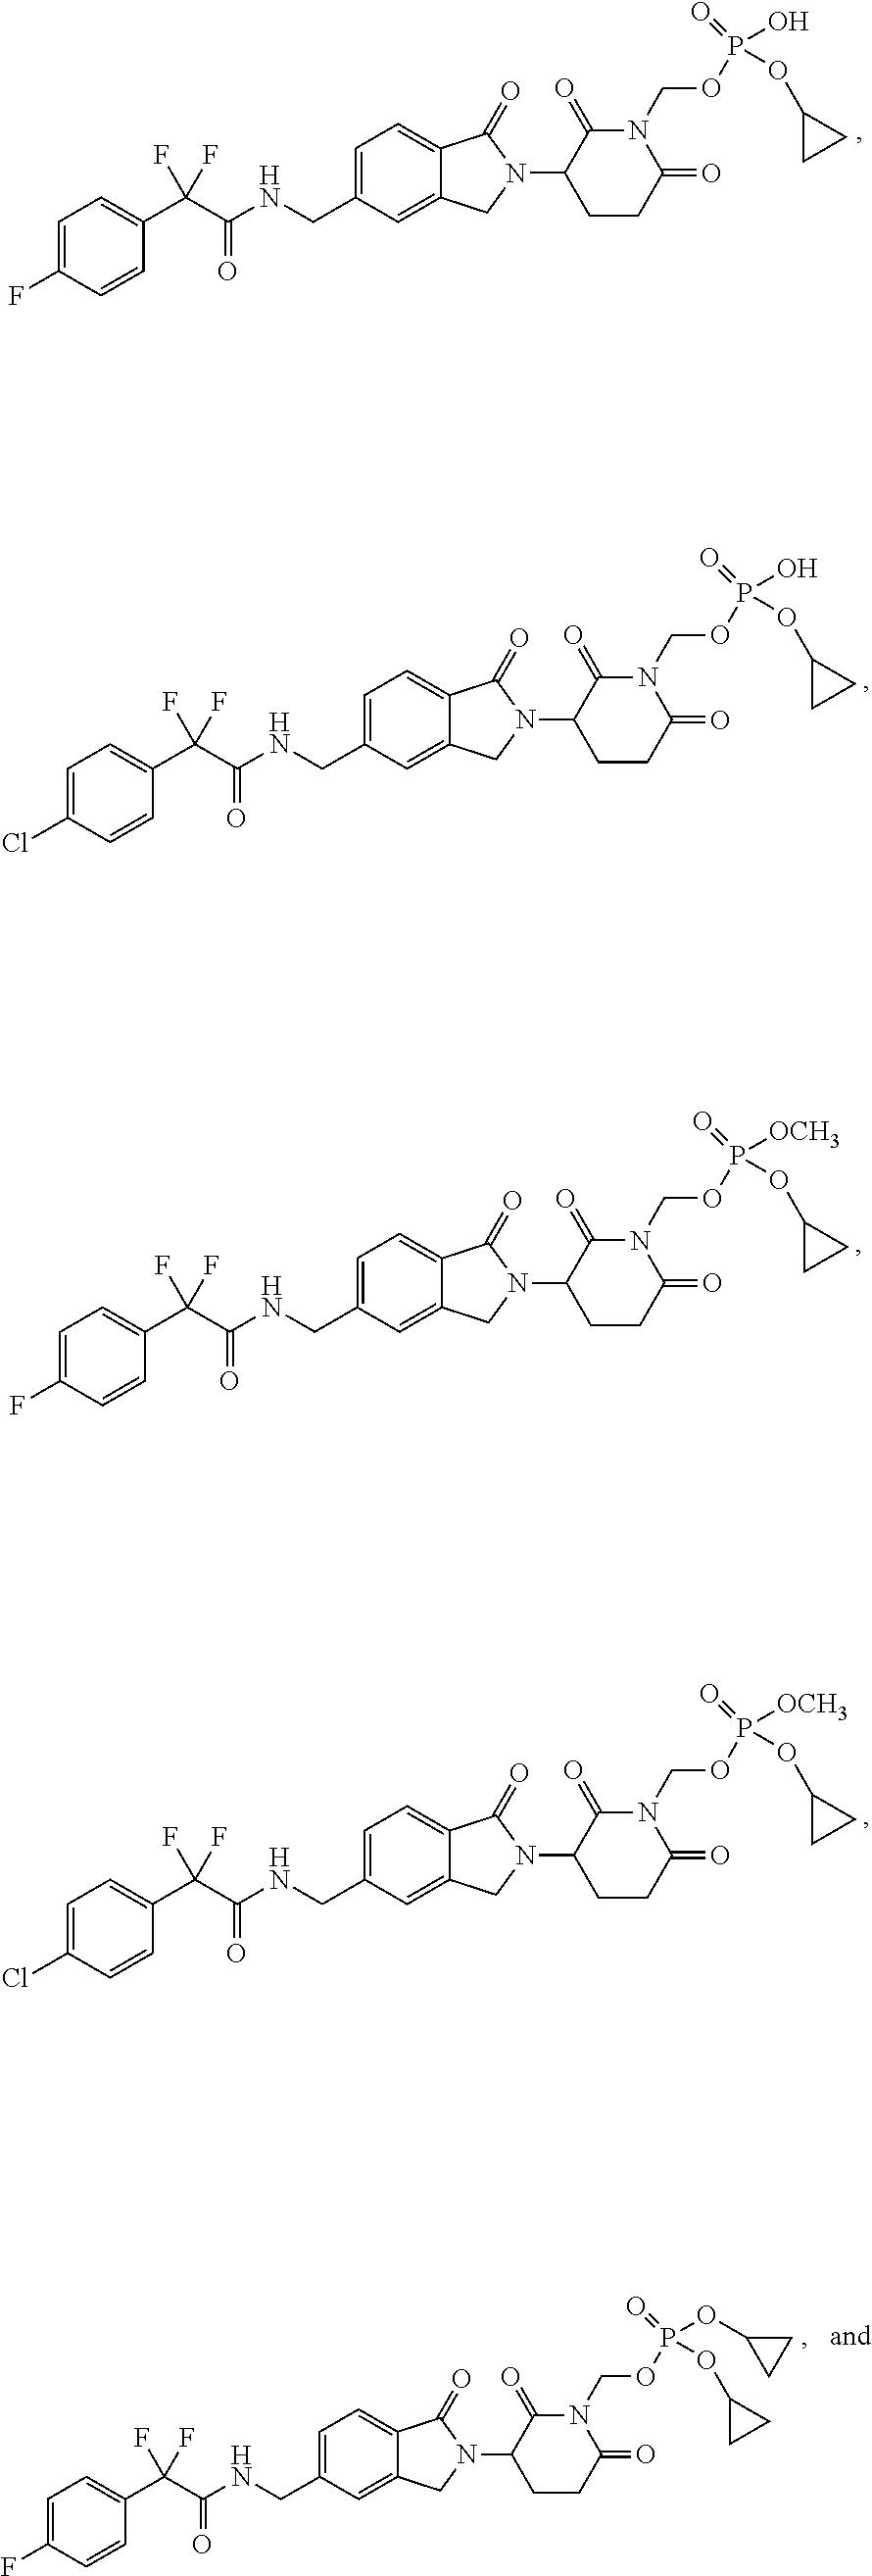 Figure US09938254-20180410-C00040